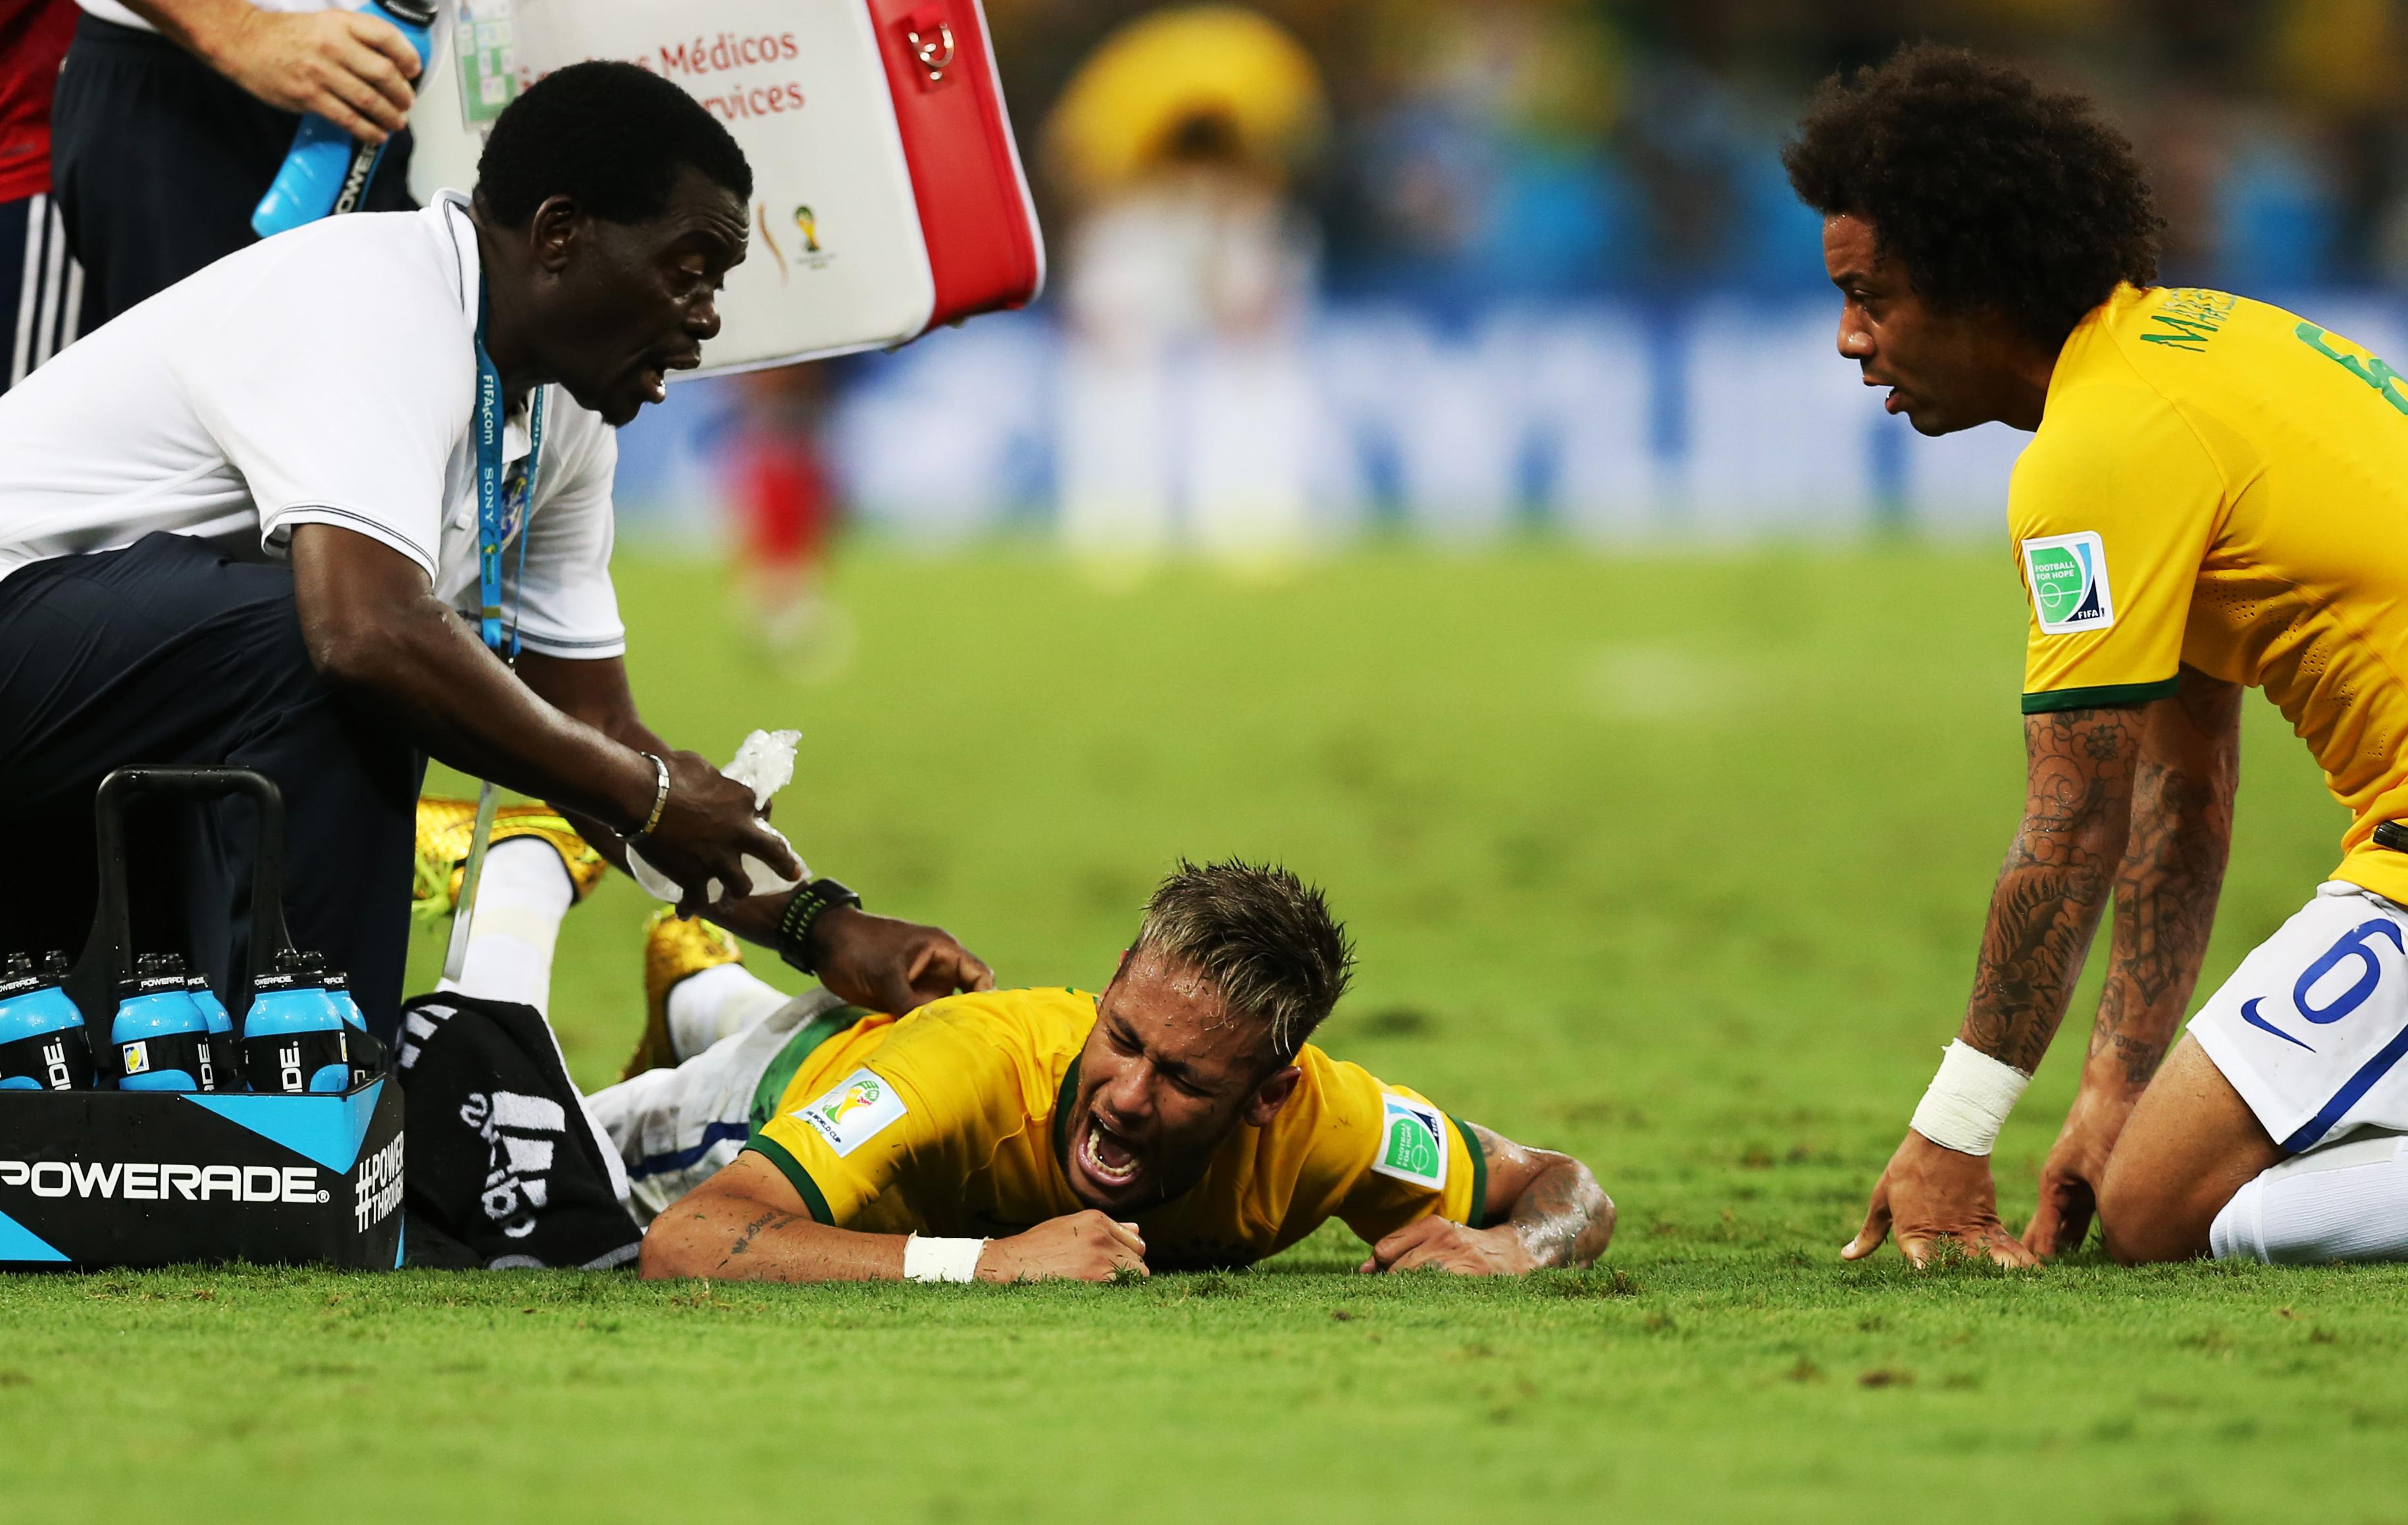 Mondial termin pour neymar 2014 br sil coupe du monde football - Jeux de football coupe du monde 2014 ...